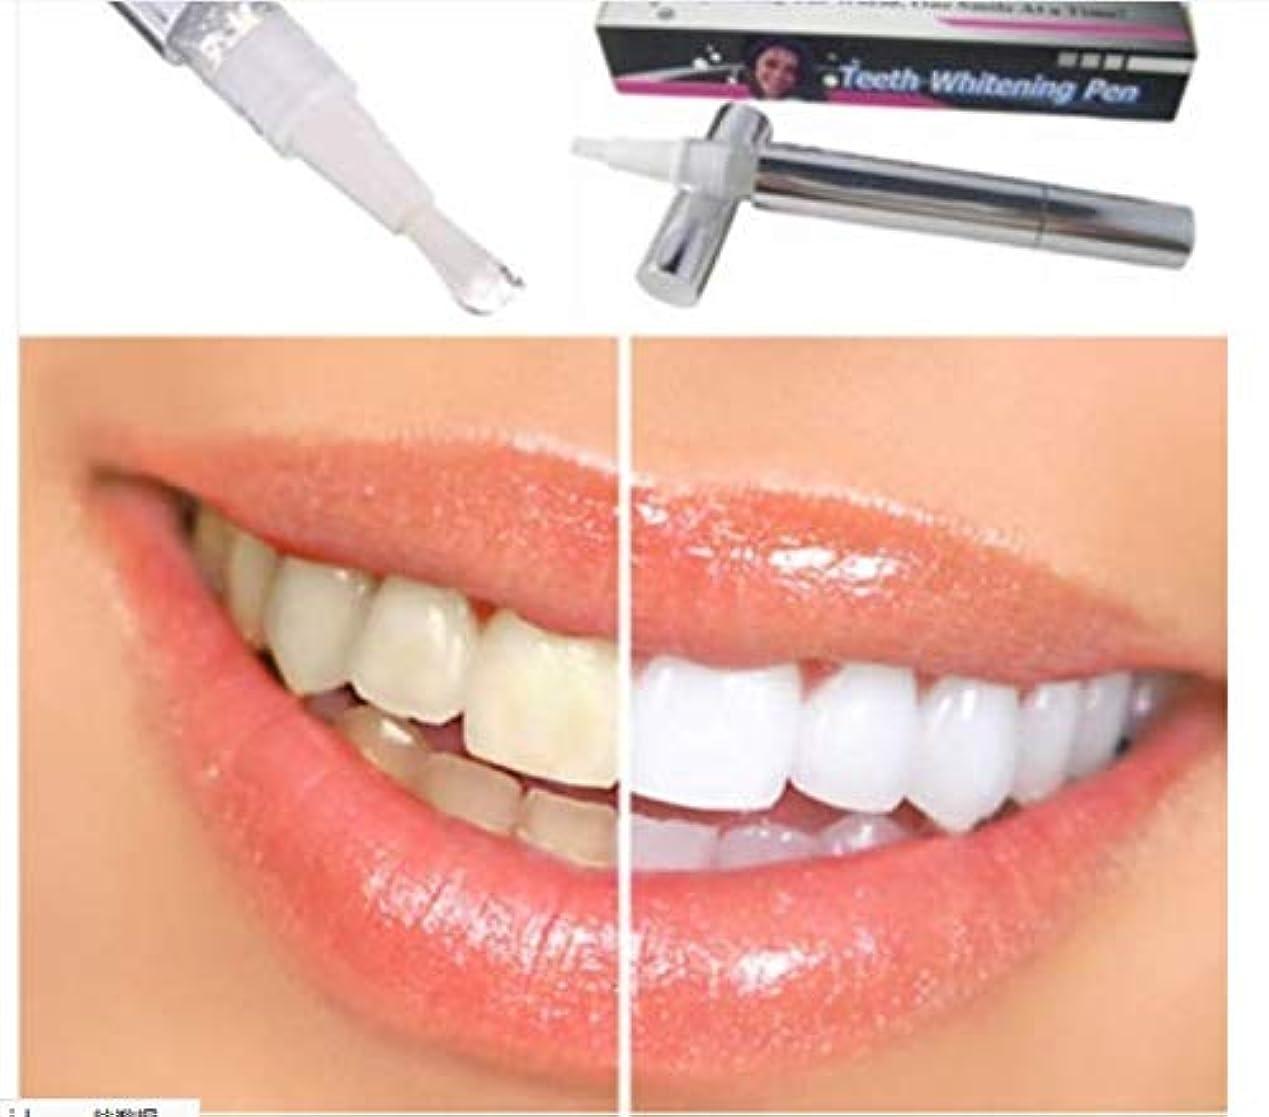 やめる魅惑するボスホワイトニングペン型真っ白な歯 ホワイトニングペン 歯の白い漂白剤 瞬間汚れ消しゴムリムーバー